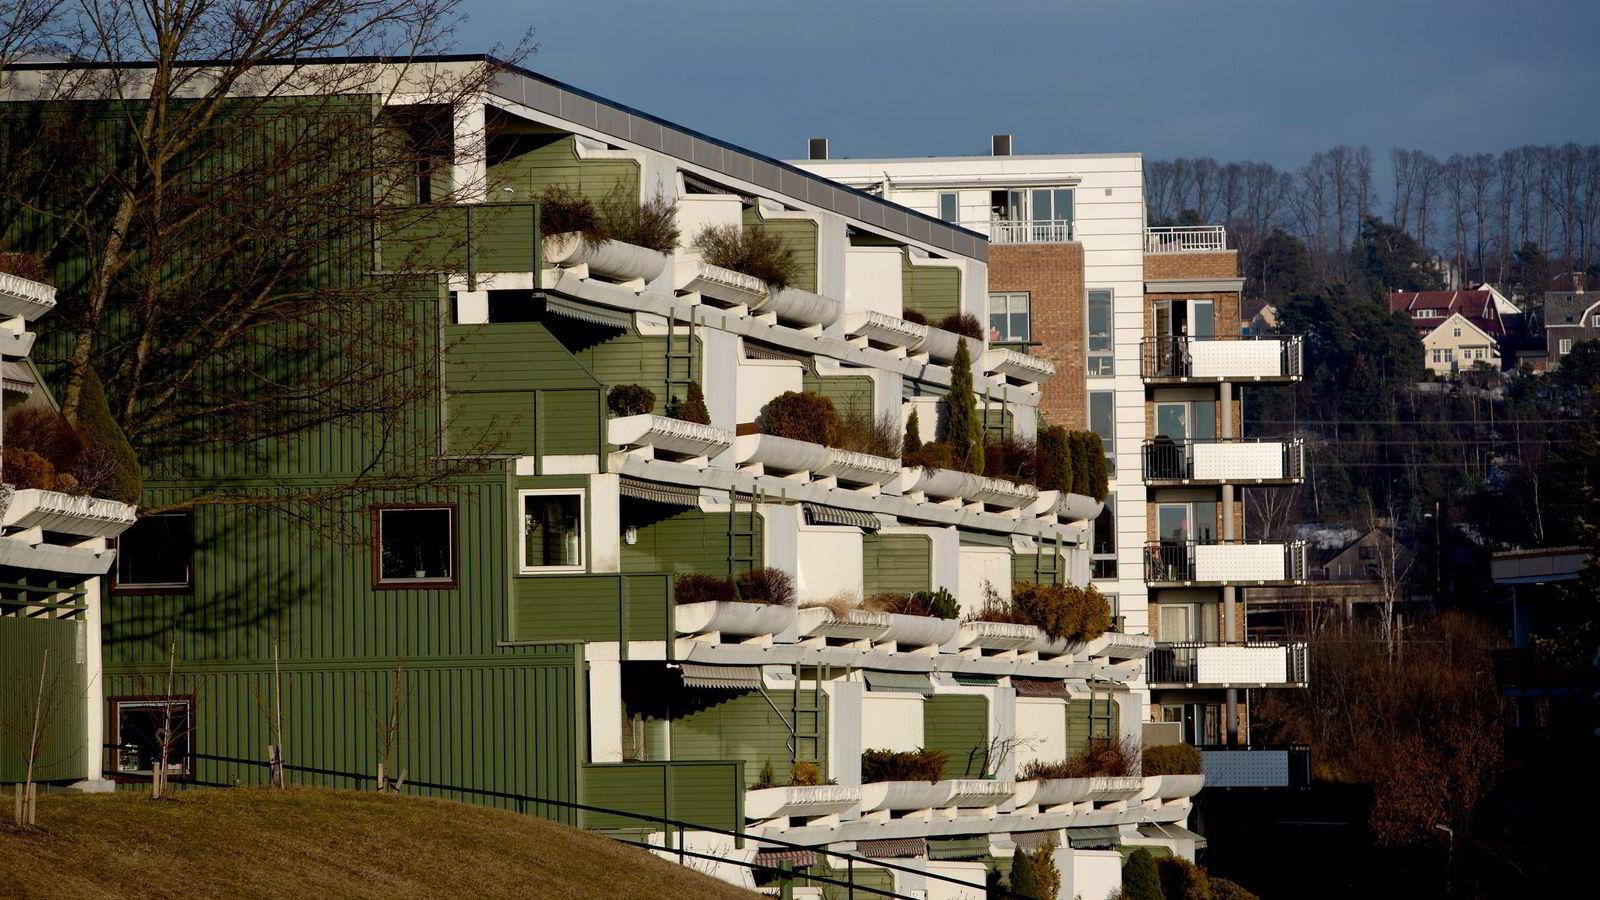 Kapitalen plasseres i økende grad i hytter og hus, og ikke i det næringslivet som skal skape arbeidsplasser og velstand i fremtiden, skriver artikkelforfatterne.  Foto: